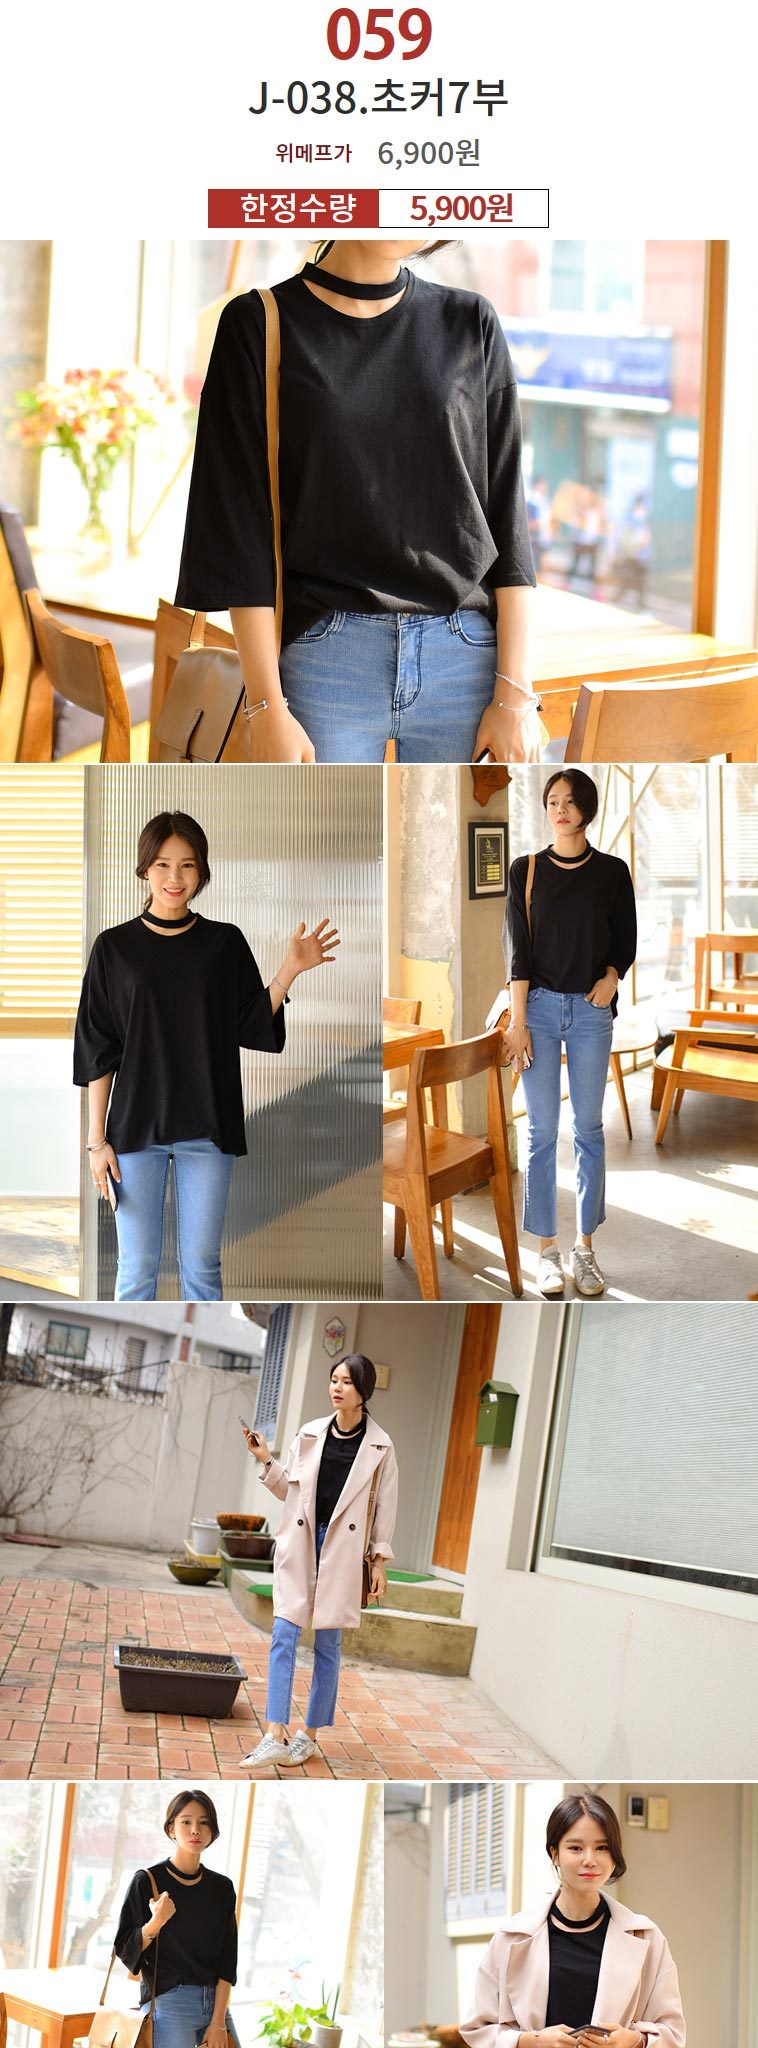 [명예의전당] 데일리샵 신상 티셔츠 - 상세정보